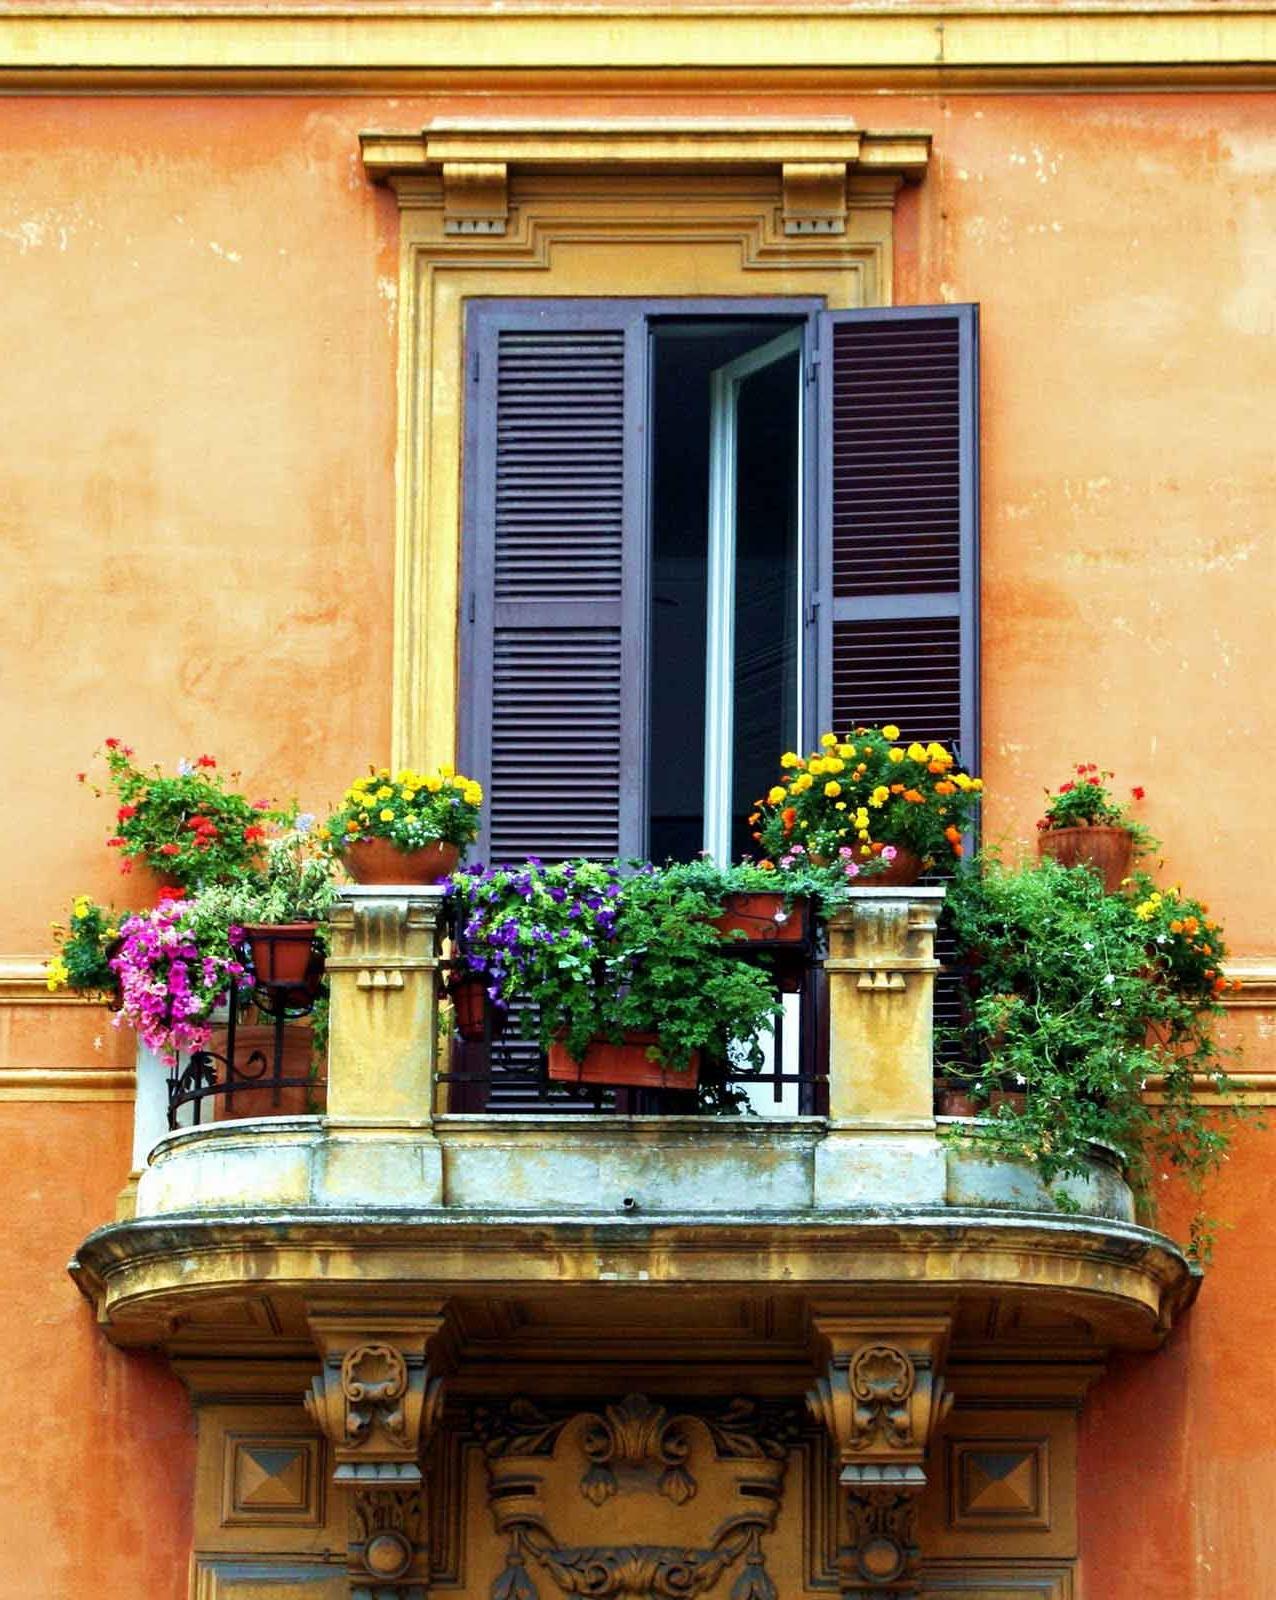 Mais si vous habitez dans un appartement, vous pouvez également décorer le balcon ou les fenêtres.